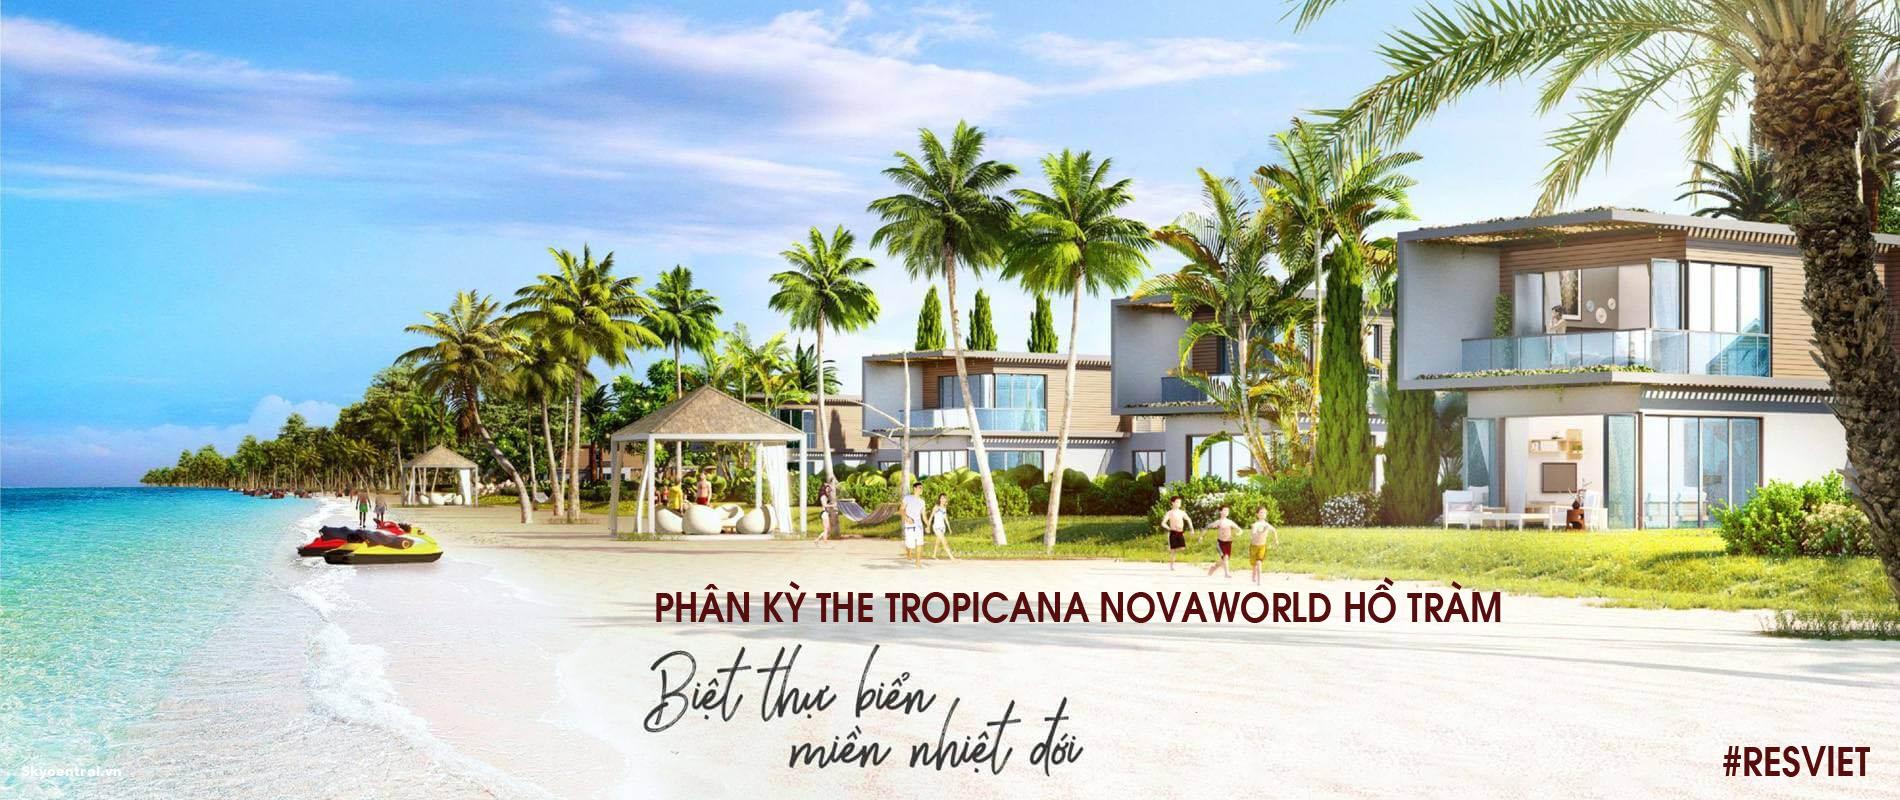 Dự án khu đô thị Novaworld Hồ Tràm Bình Châu, Xuyên Mộc, Bà Rịa Vũng Tàu - Novaland